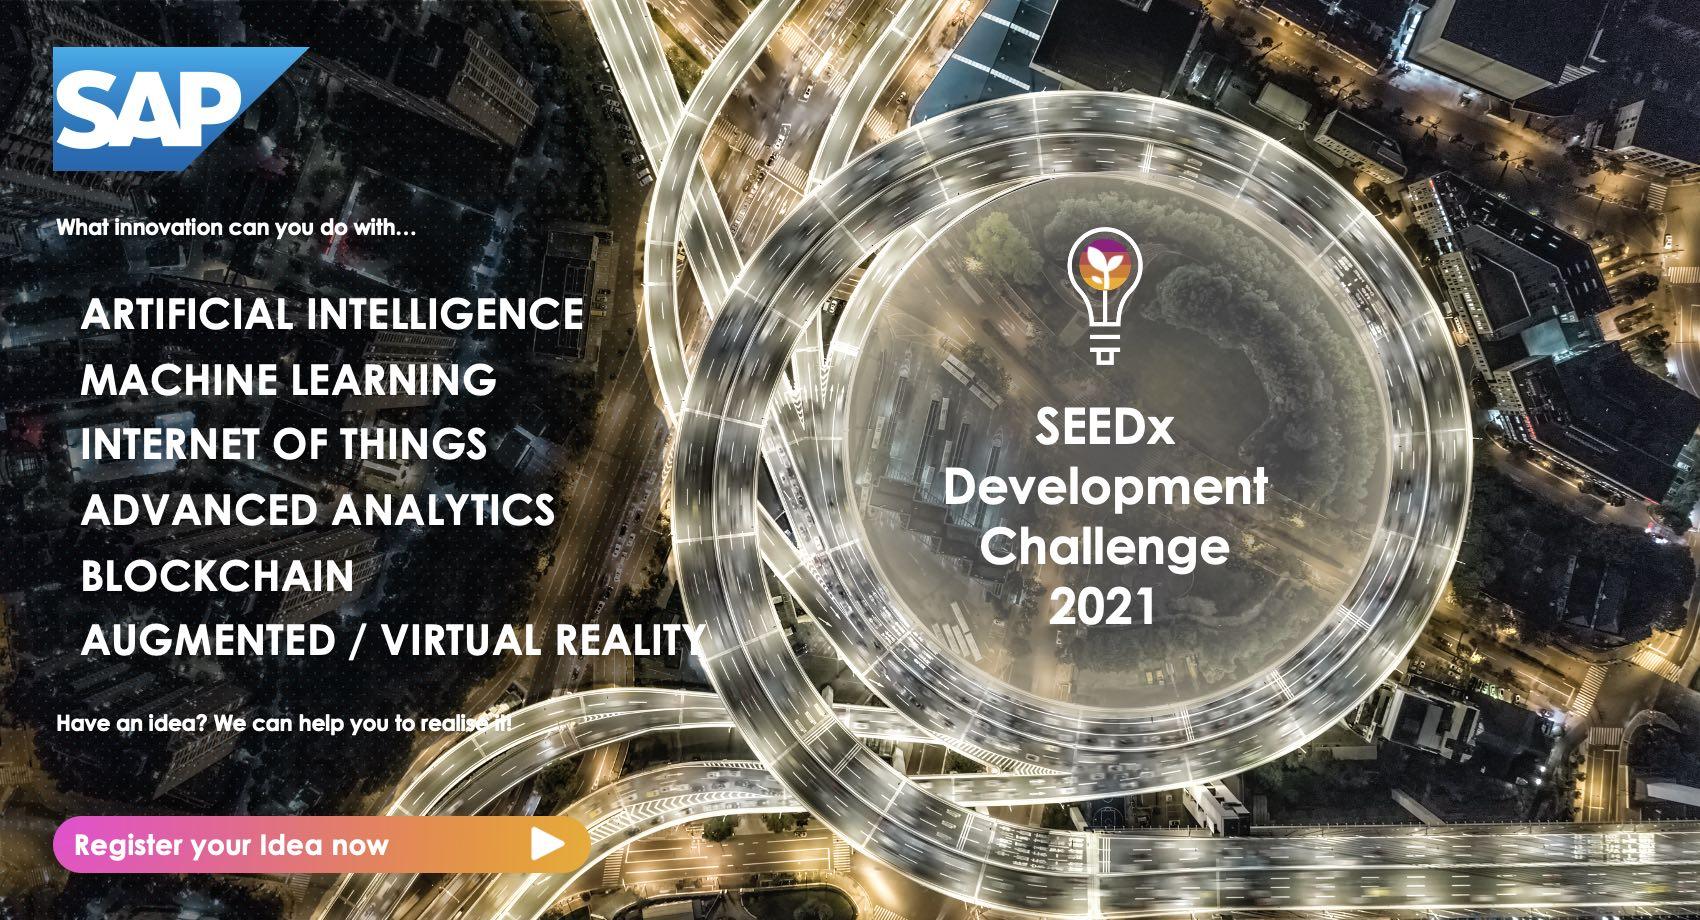 seedx%20challenge%202021%20opening